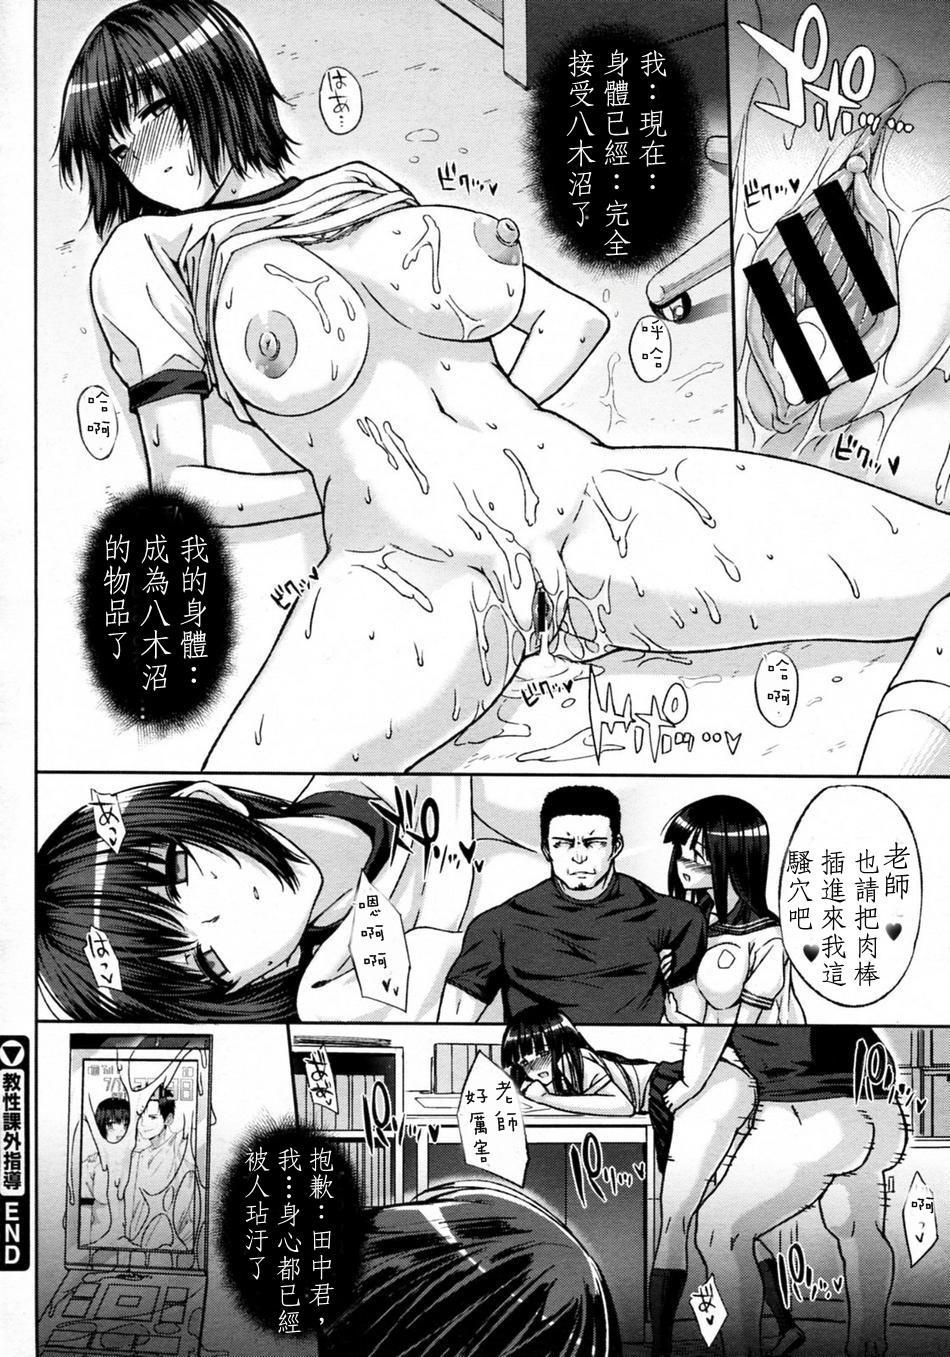 Kyou-sei Kagai Shidou 25